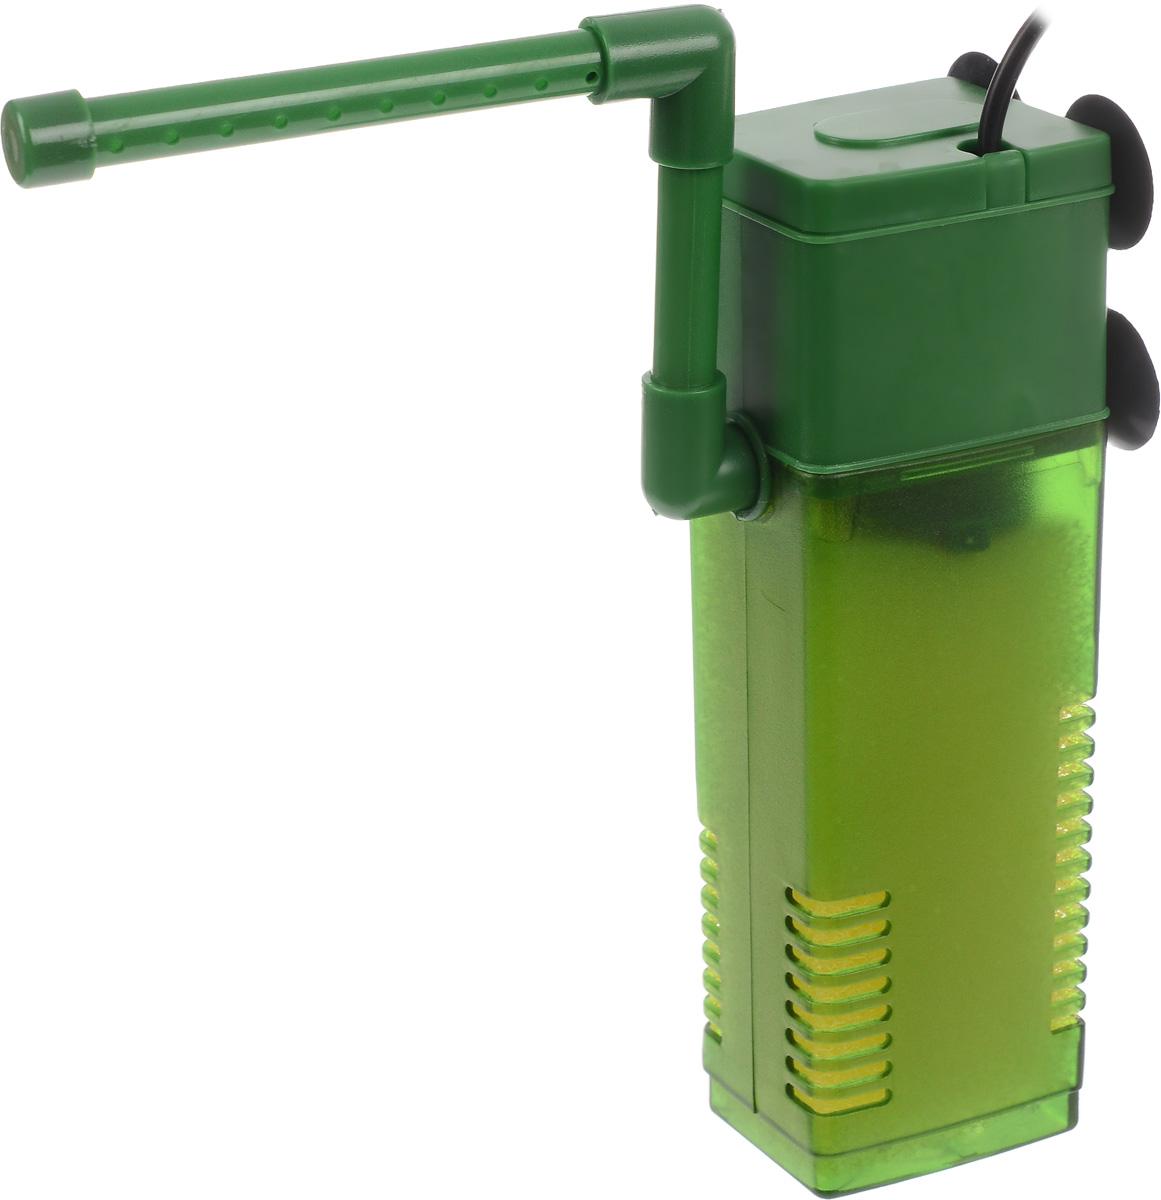 Фильтр для воды Barbus WP- 330F, аквариумный, с регулятором и флейтой, 600 л/чFILTER 004Barbus WP- 330F предназначен для фильтрации воды в аквариумах. Механическая фильтрация происходит за счет губки, которая поглощает грязь и очищает воду. Фильтр равномерно распределяет поток воды в аквариуме с помощью системы Водяная флейта. Имеет дополнительную насадку с возможностью аэрации воды. Подходит для пресной и соленой воды. Фильтр полностью погружной. Мощность: 12 Вт. Напряжение: 220-240В. Частота: 50/60 Гц. Производительность: 600 л/ч. Рекомендованный объем аквариума: 60-120 л.